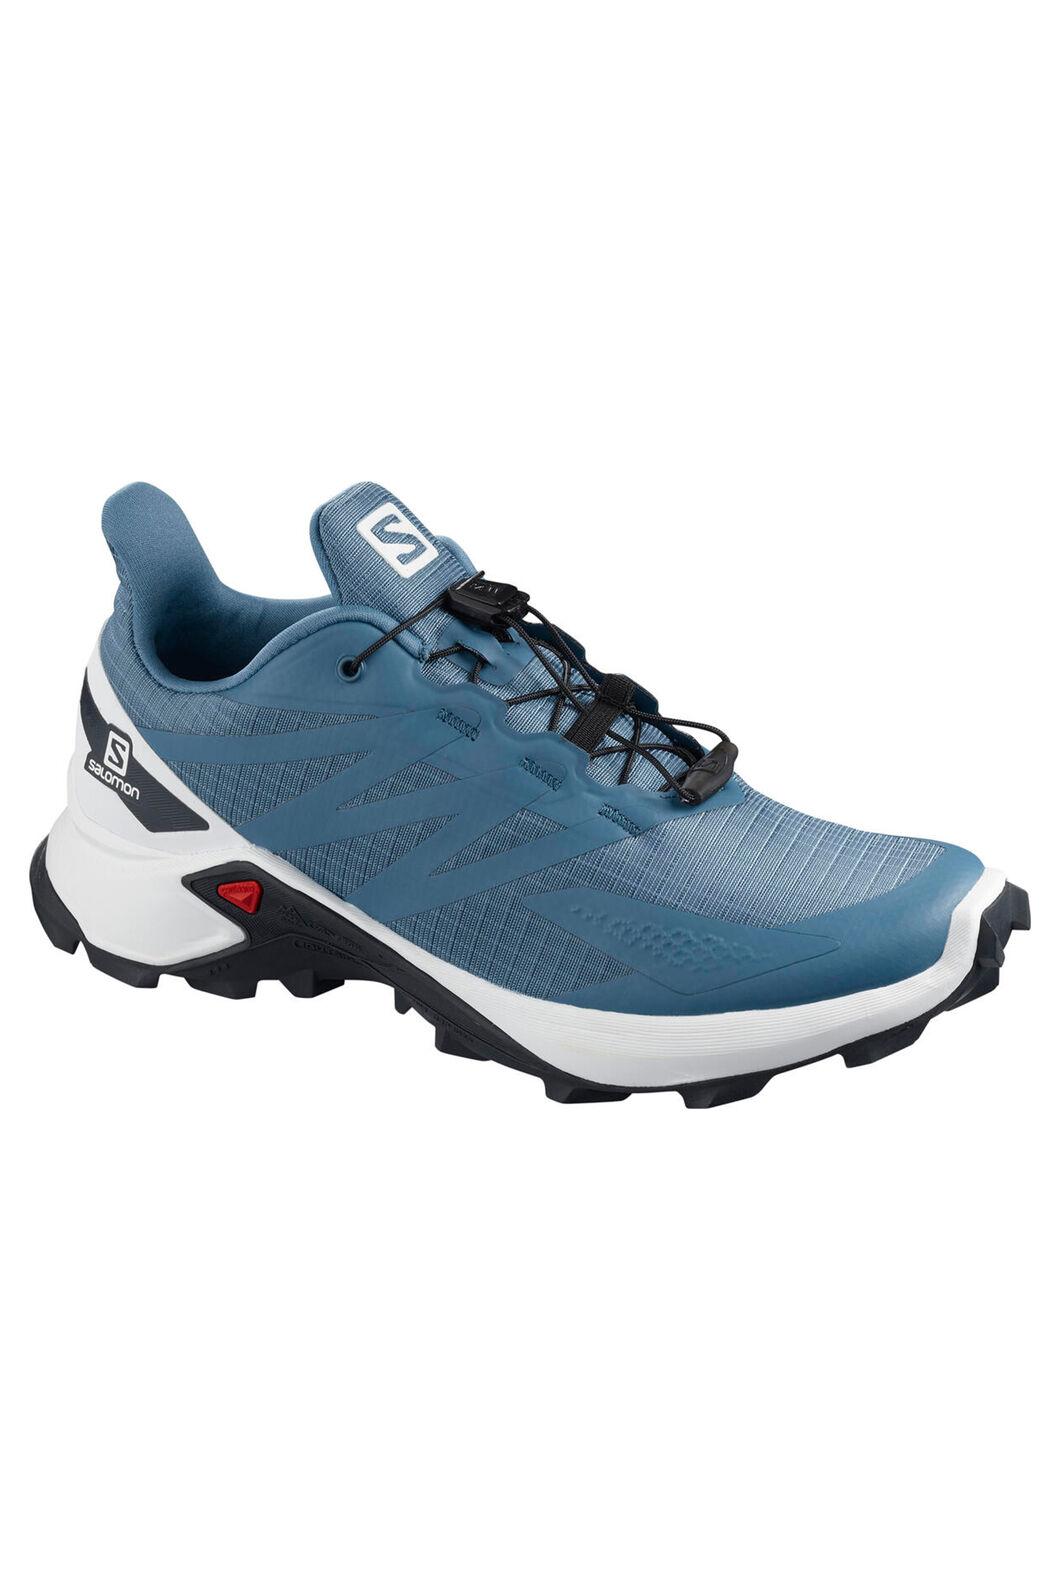 Salomon Supercross Blast Trail Running Shoes — Women's, Copen Blue/White/Black, hi-res